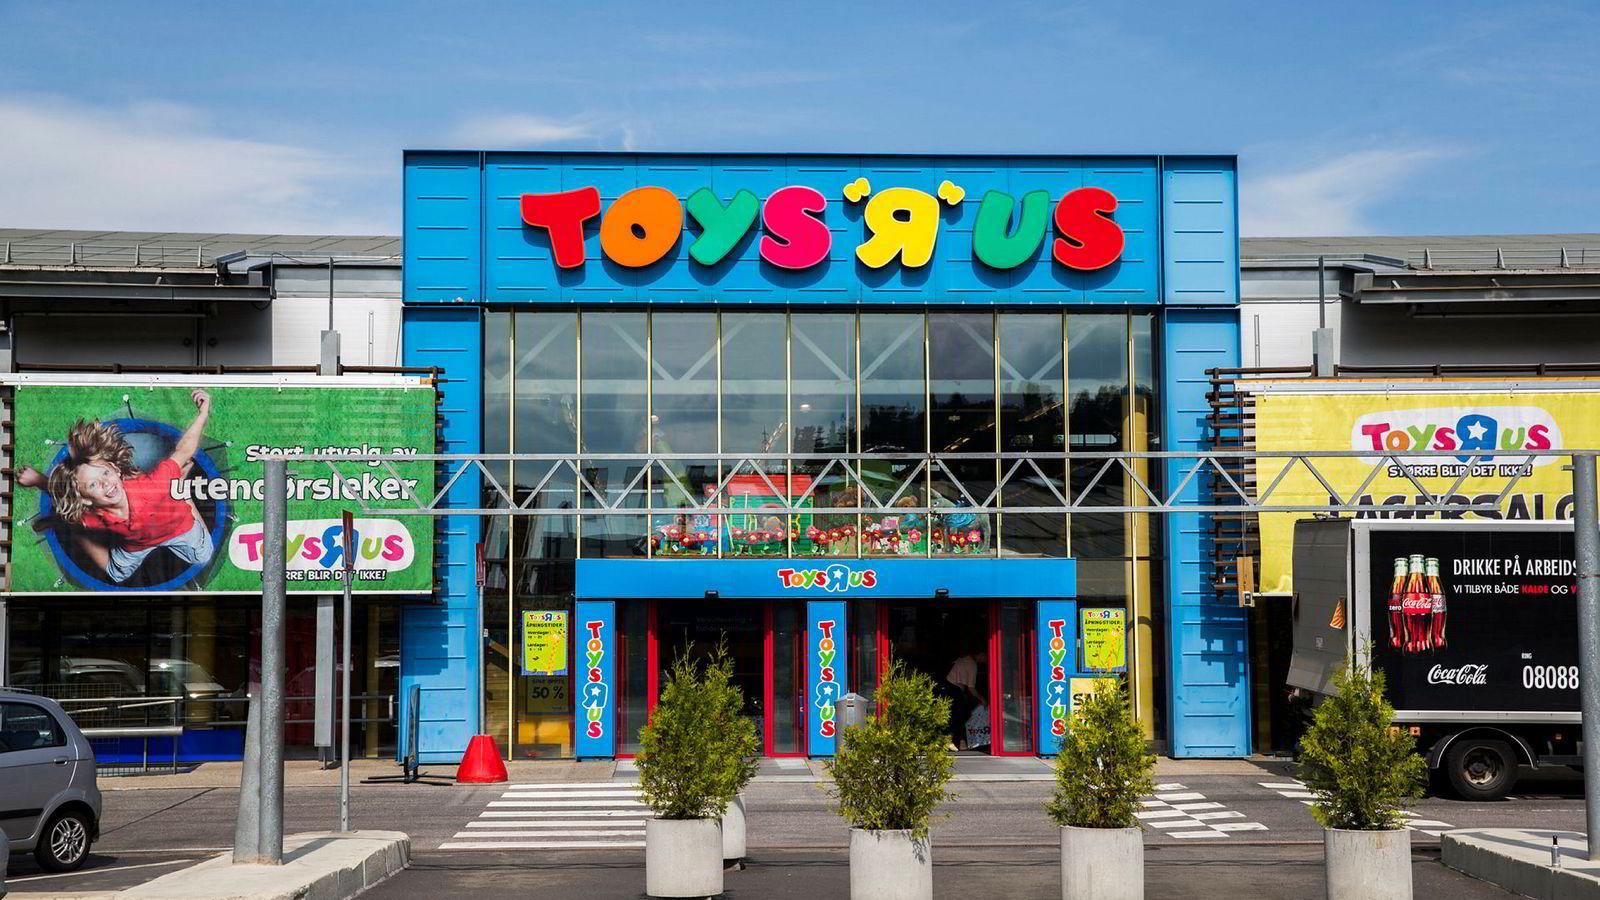 Det danske selskapet Top-Toy, som eier leketøyskjedene Toys ' R' Us og BR-leker i Norden, venter et negativt driftsresultat på 149 millioner danske kroner. Her inngangspartiet til «Toys 'R' Us» på Alna Senter, Oslo.